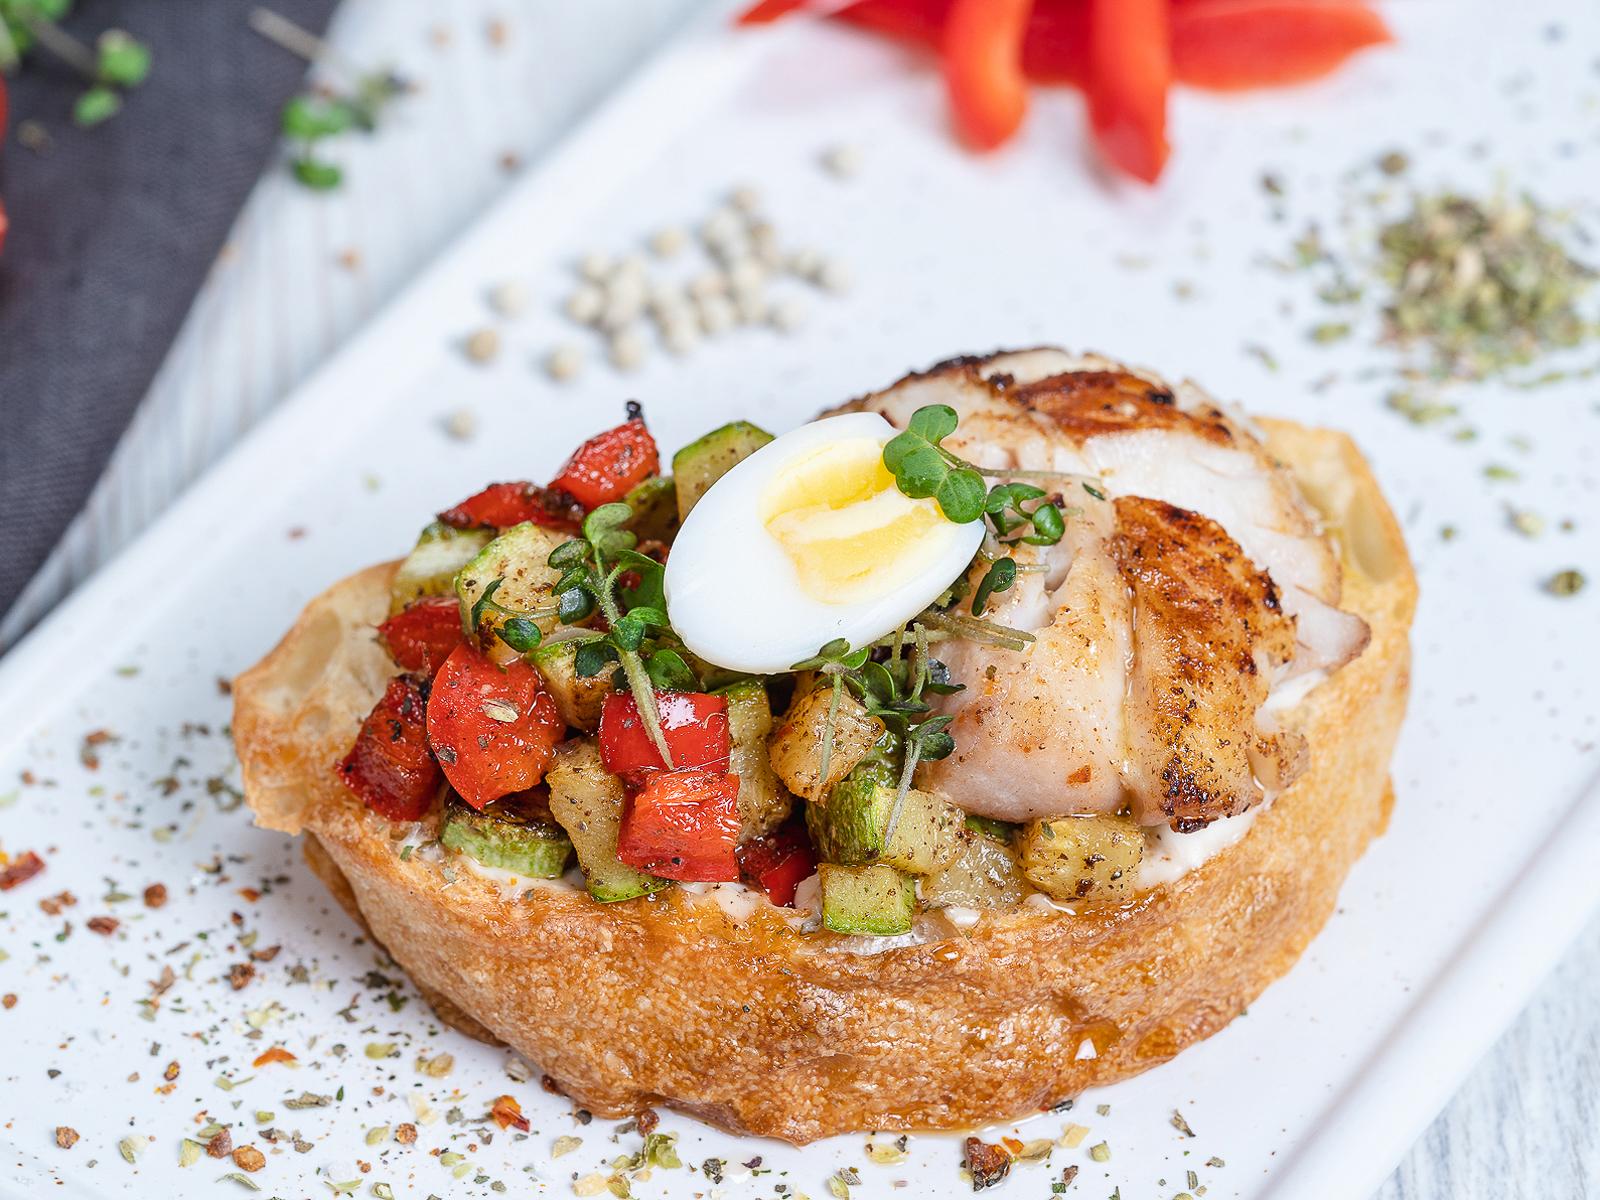 Бутерброд с томлёными овощами и морским окунем